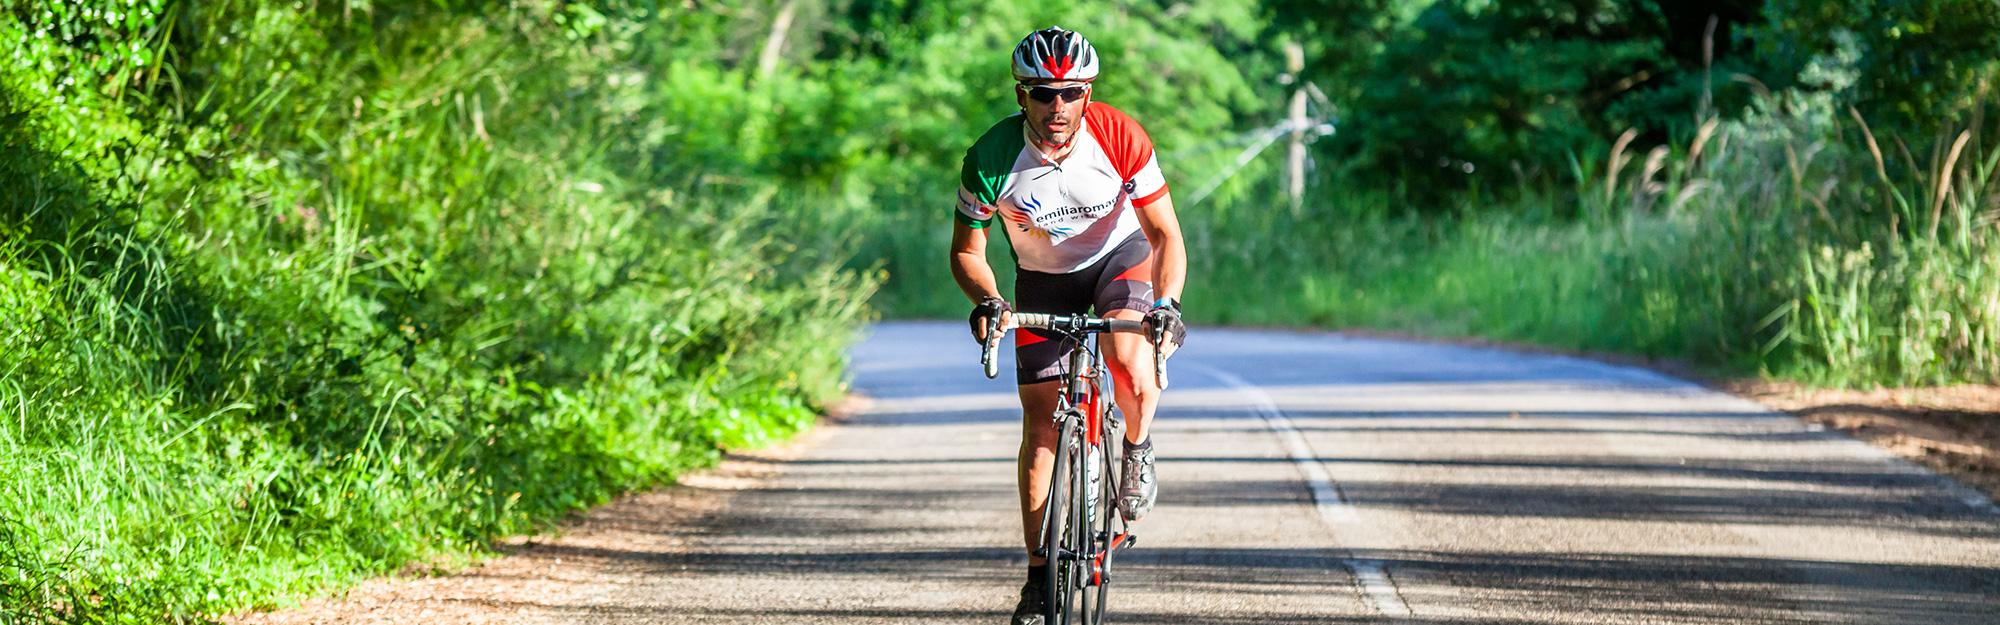 Bagno di romagna destinations for cyclists in emilia romagna italy - Roseo terme bagno di romagna ...